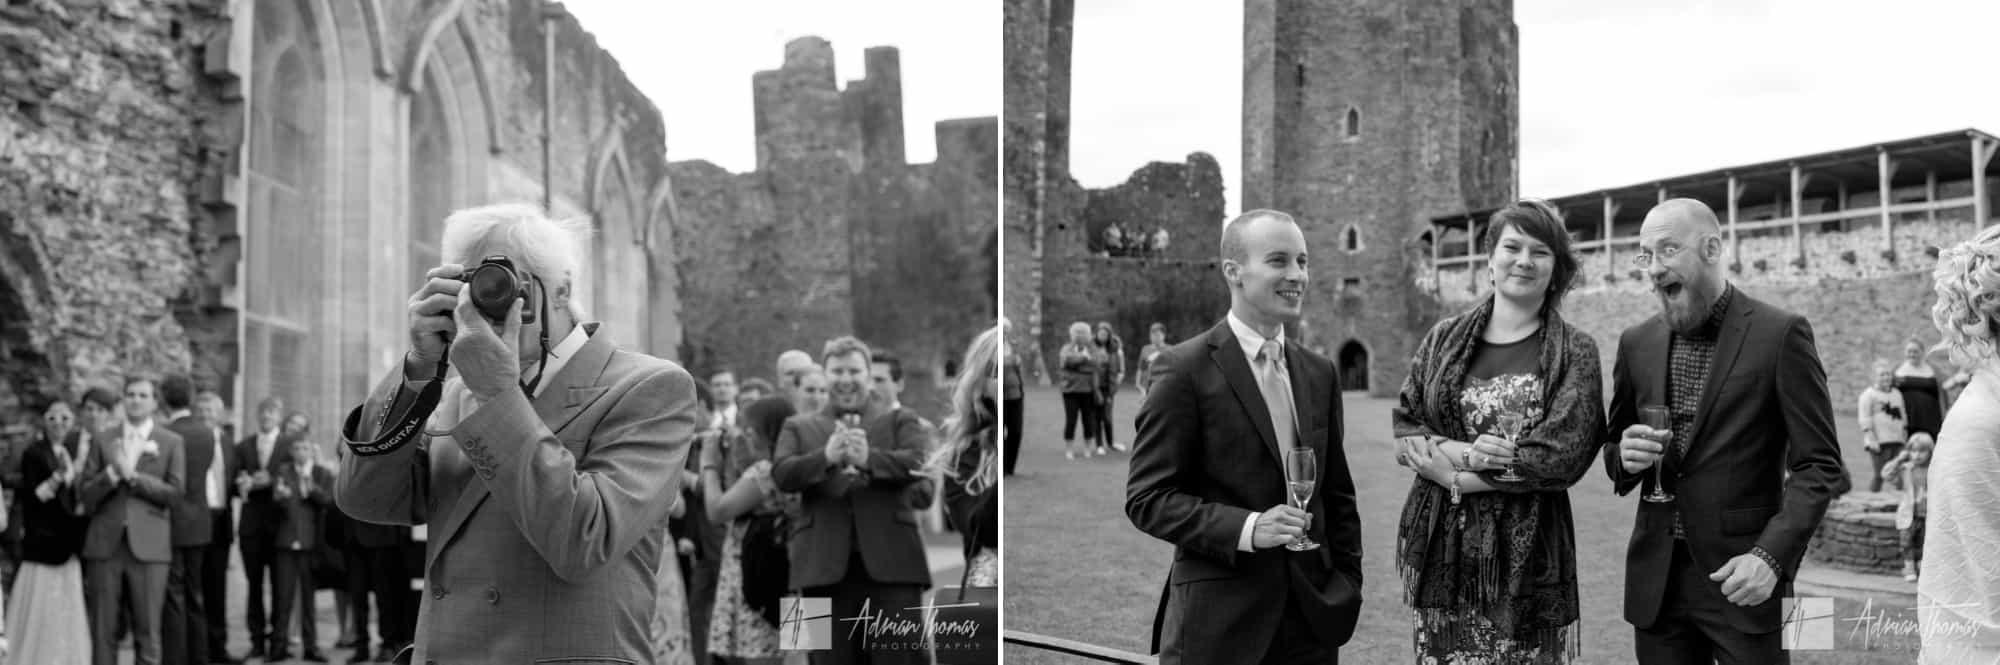 Guest at Castle reception.